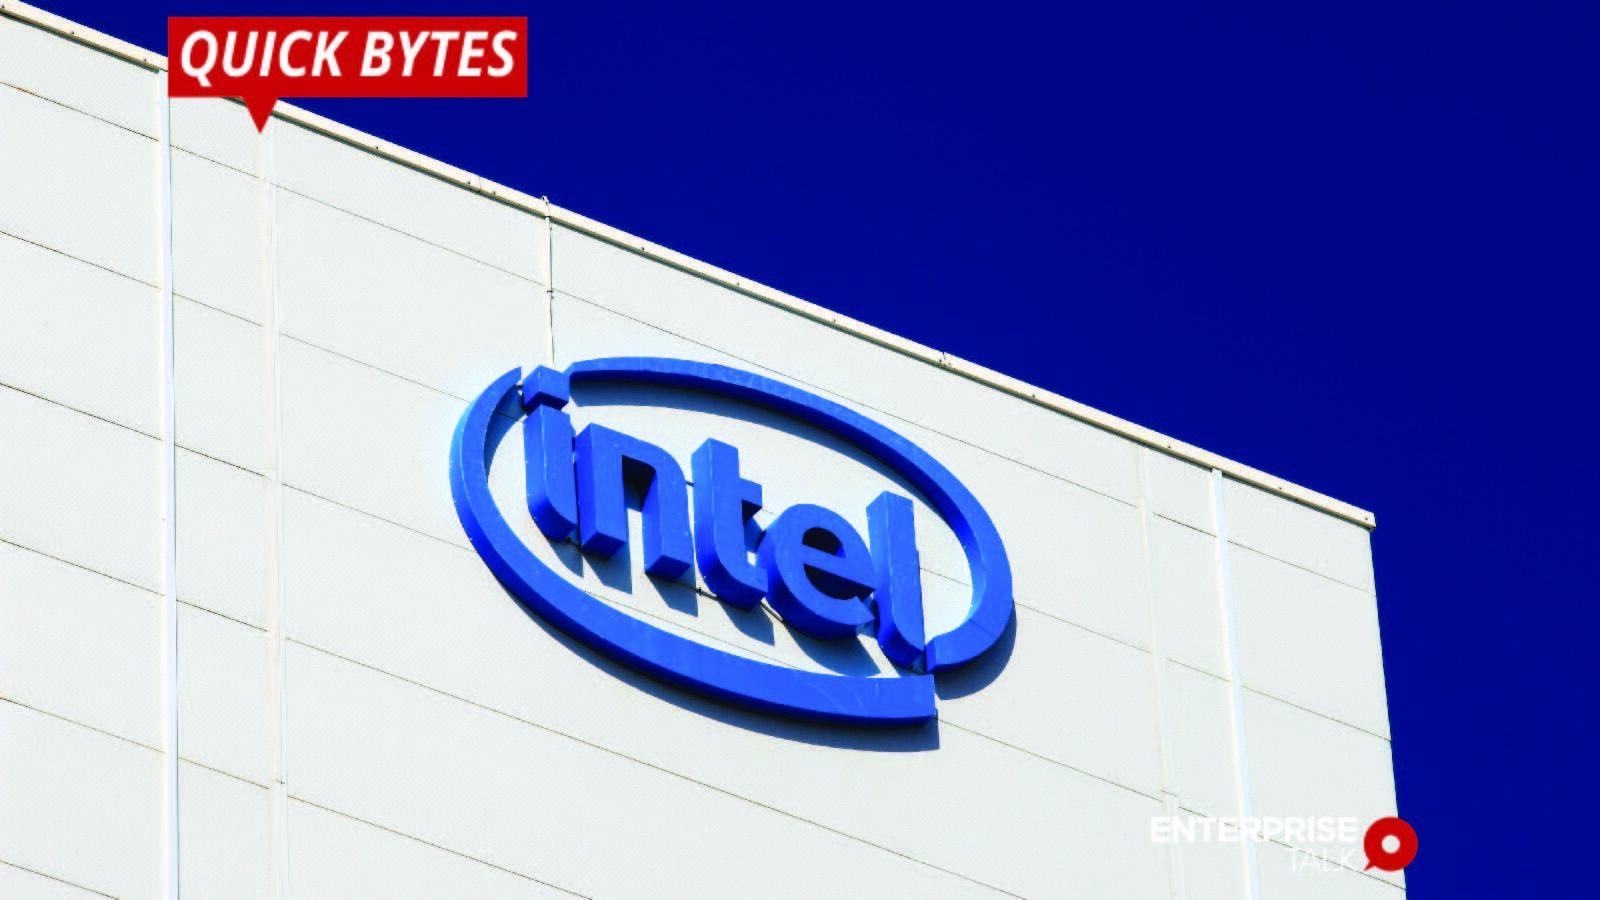 Intel, Moovit, acquisition, Mobileye, mobile navigation app, chipmaker